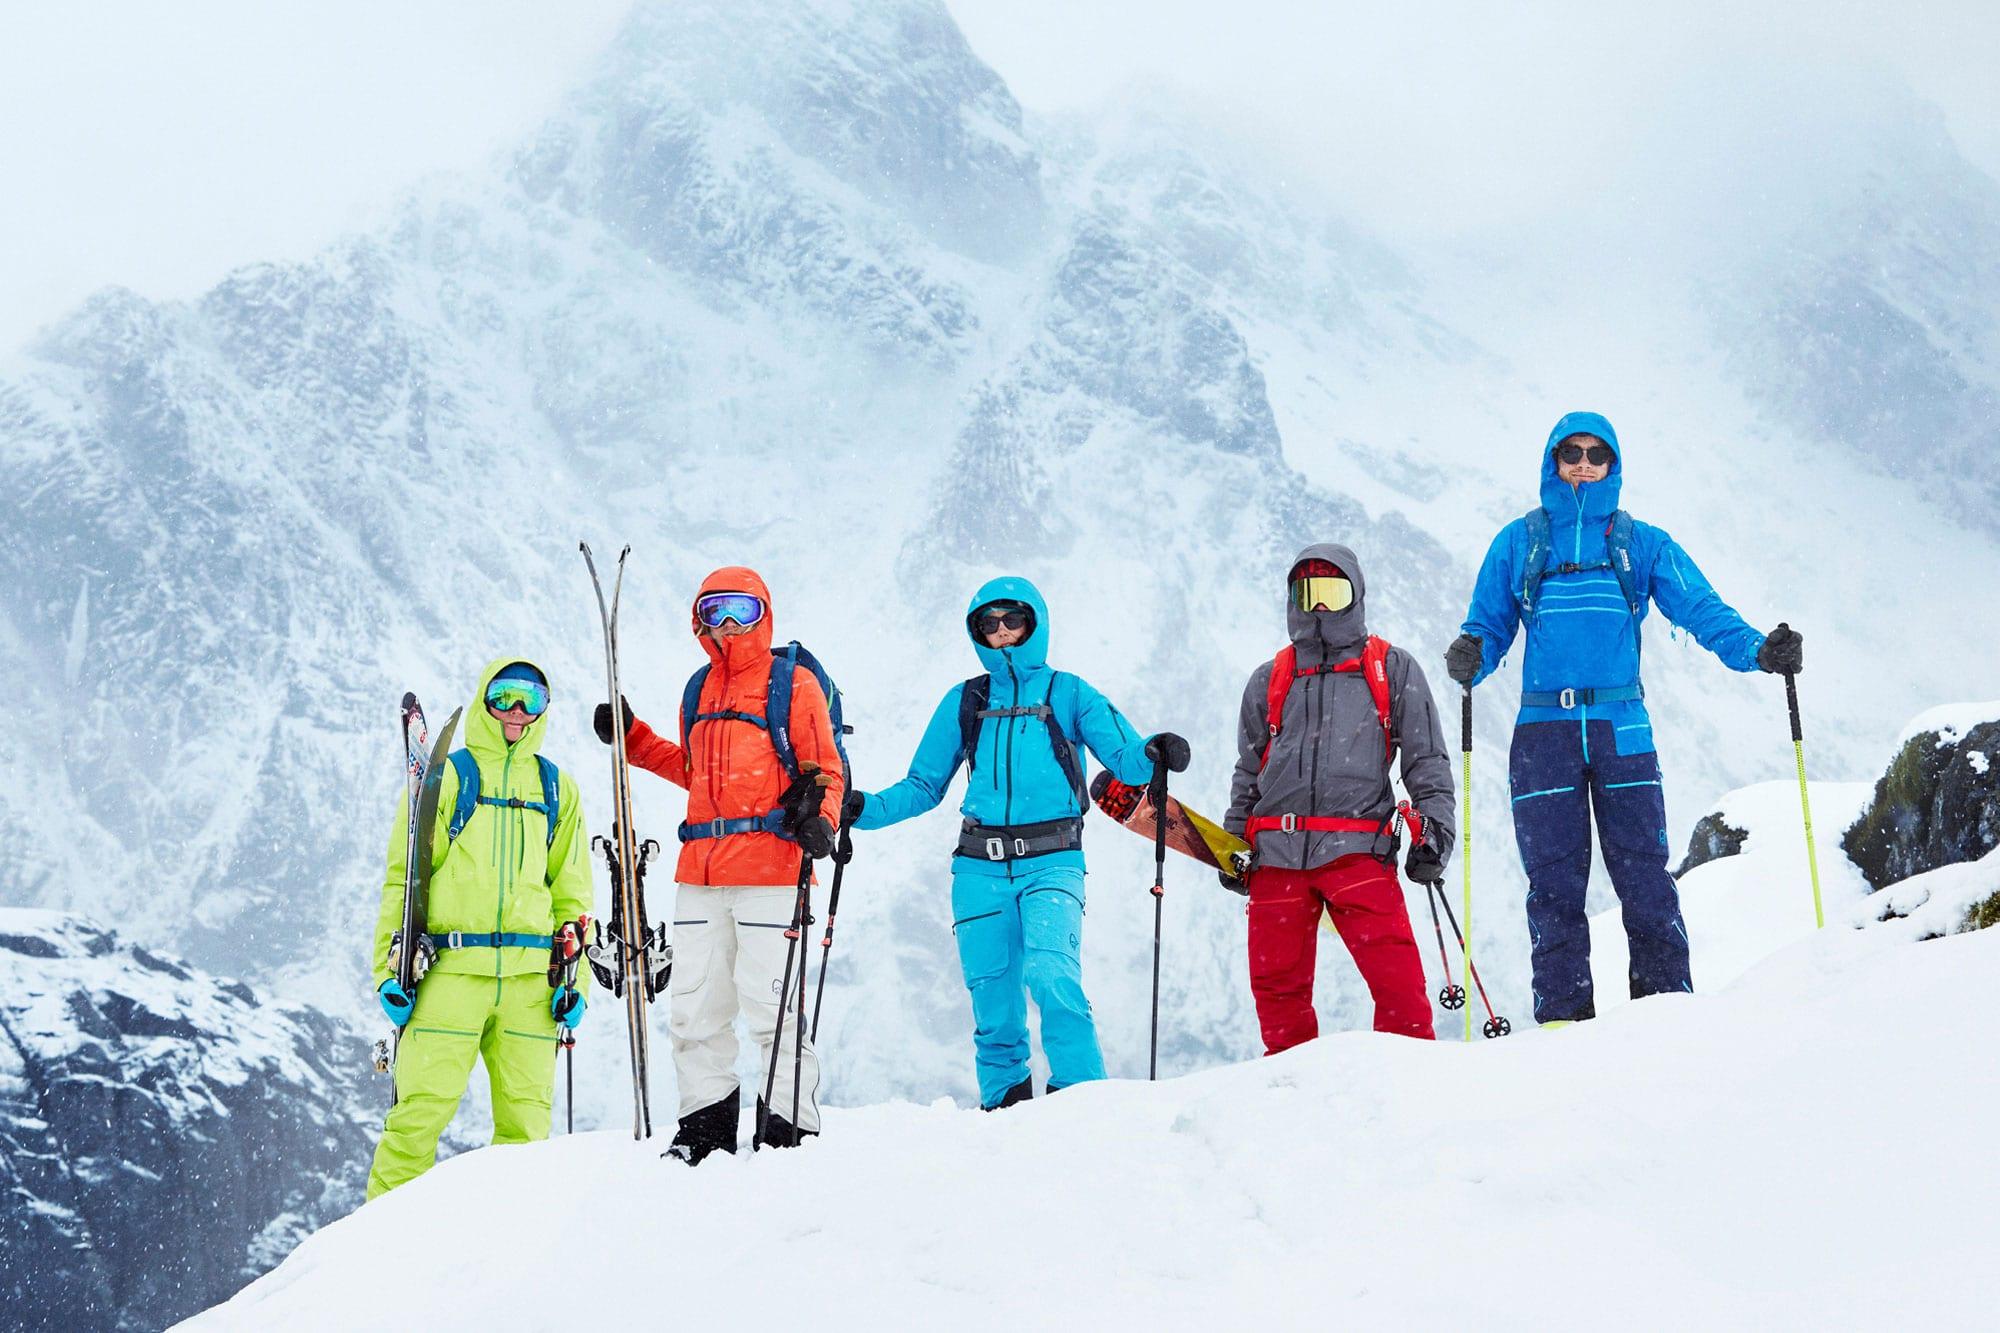 Lofoten Skiing